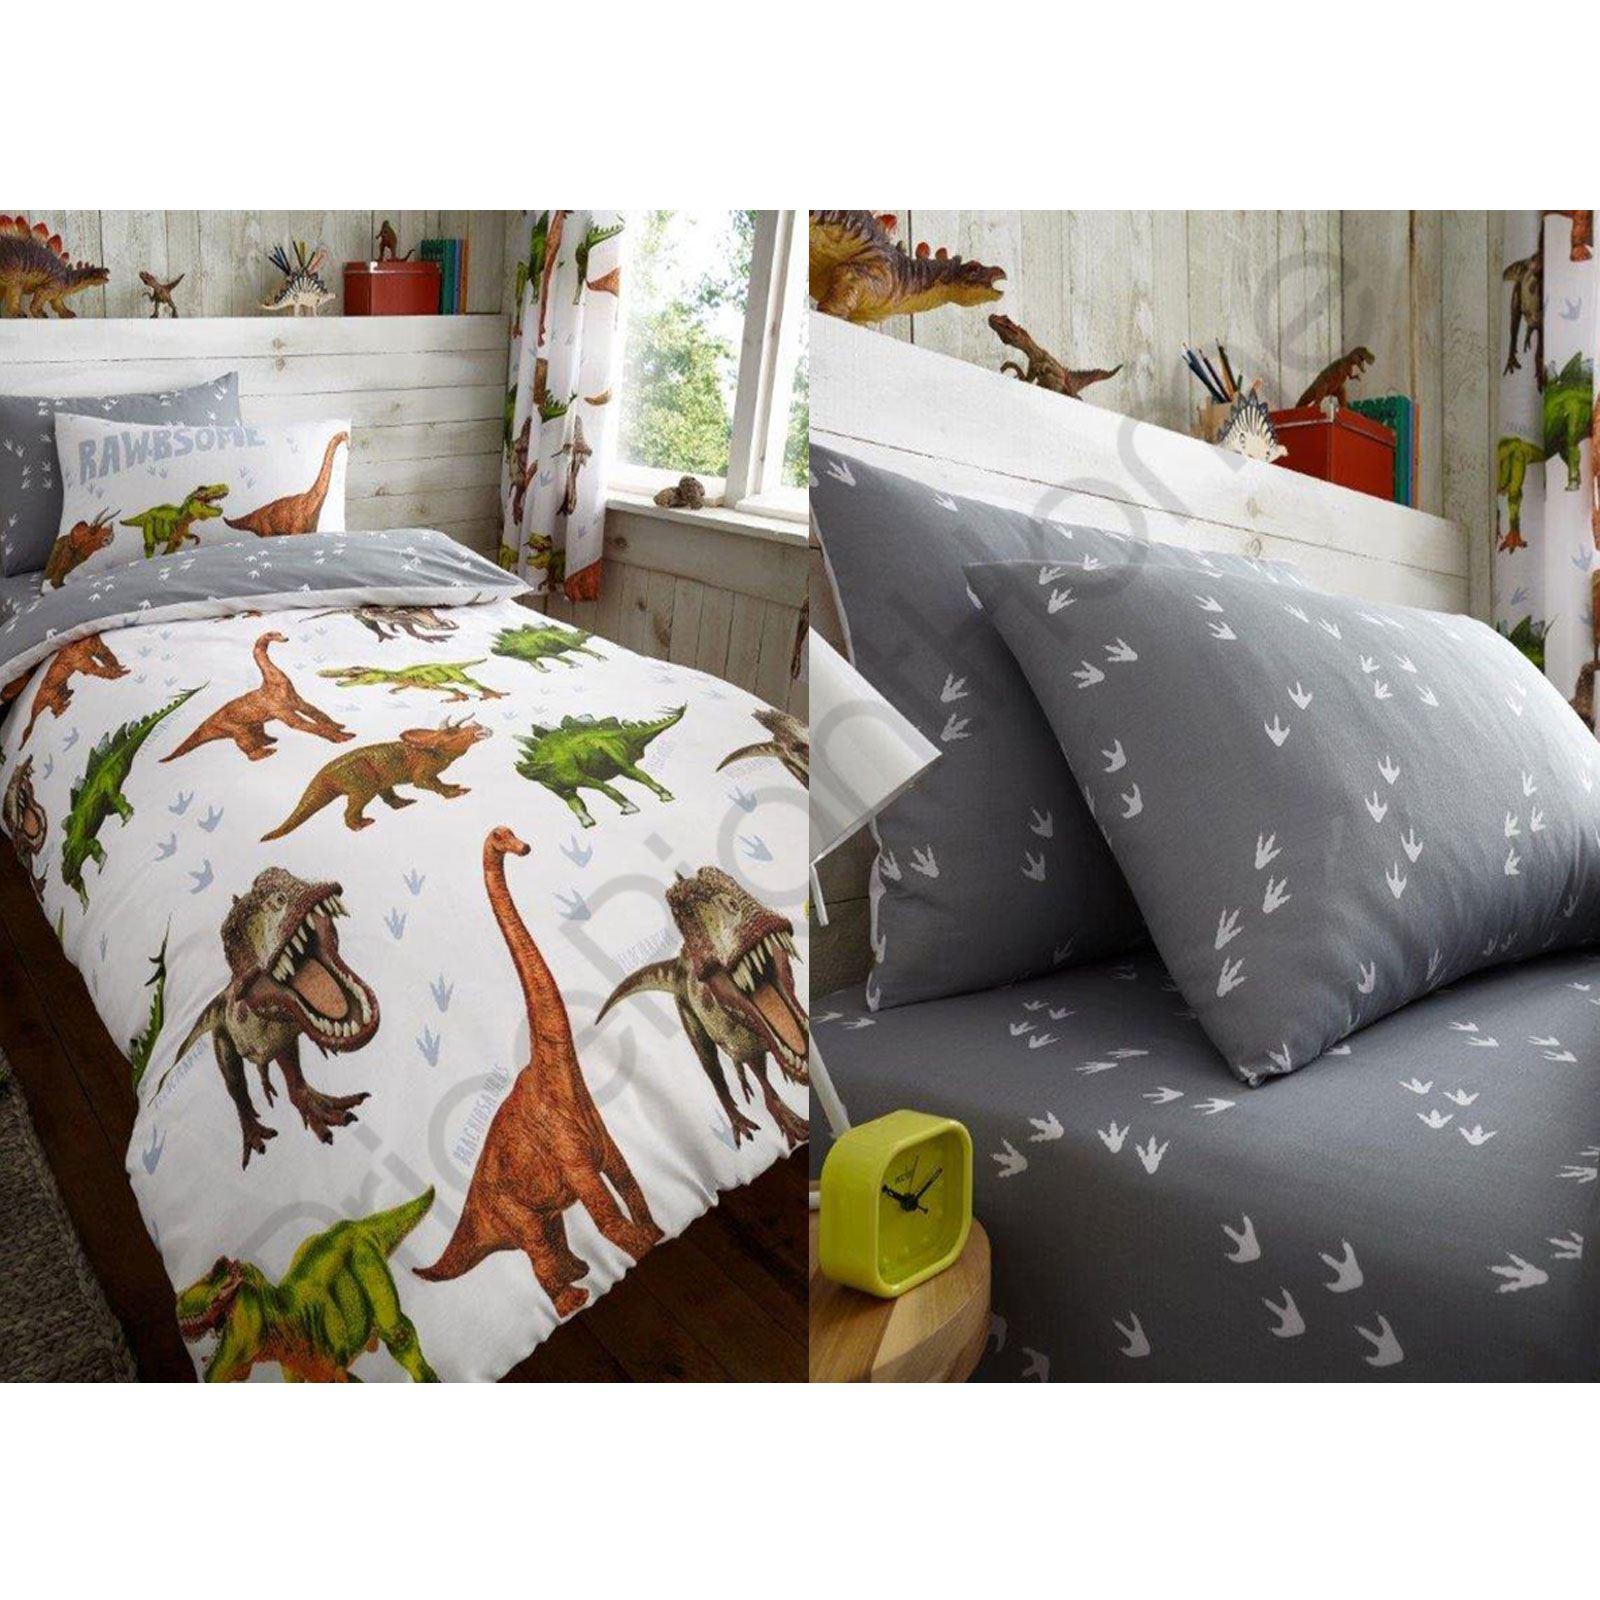 rawrsome dinosaure tyrannosaure drap housse couette ensembles de literie ebay. Black Bedroom Furniture Sets. Home Design Ideas